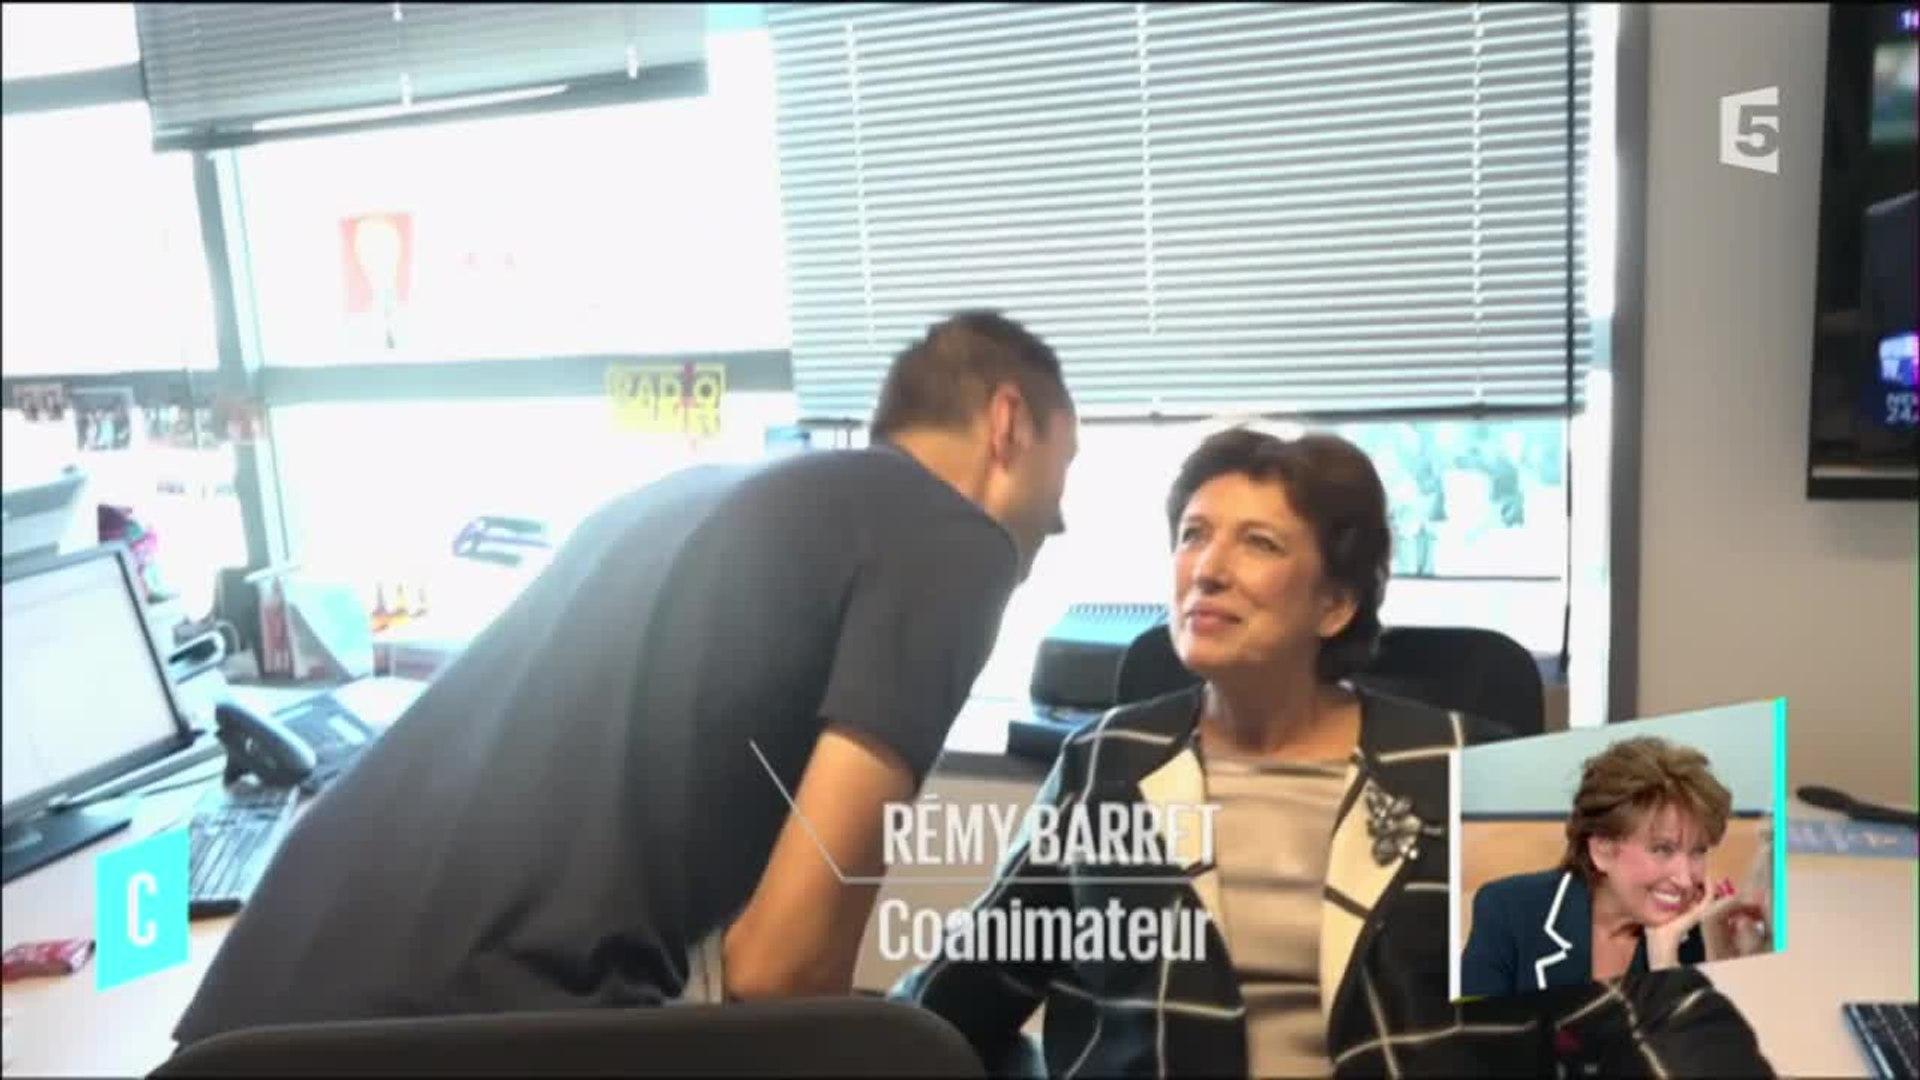 Bachelot, ex minsitre, star des médias - C l'hebdo - 10/09/2016